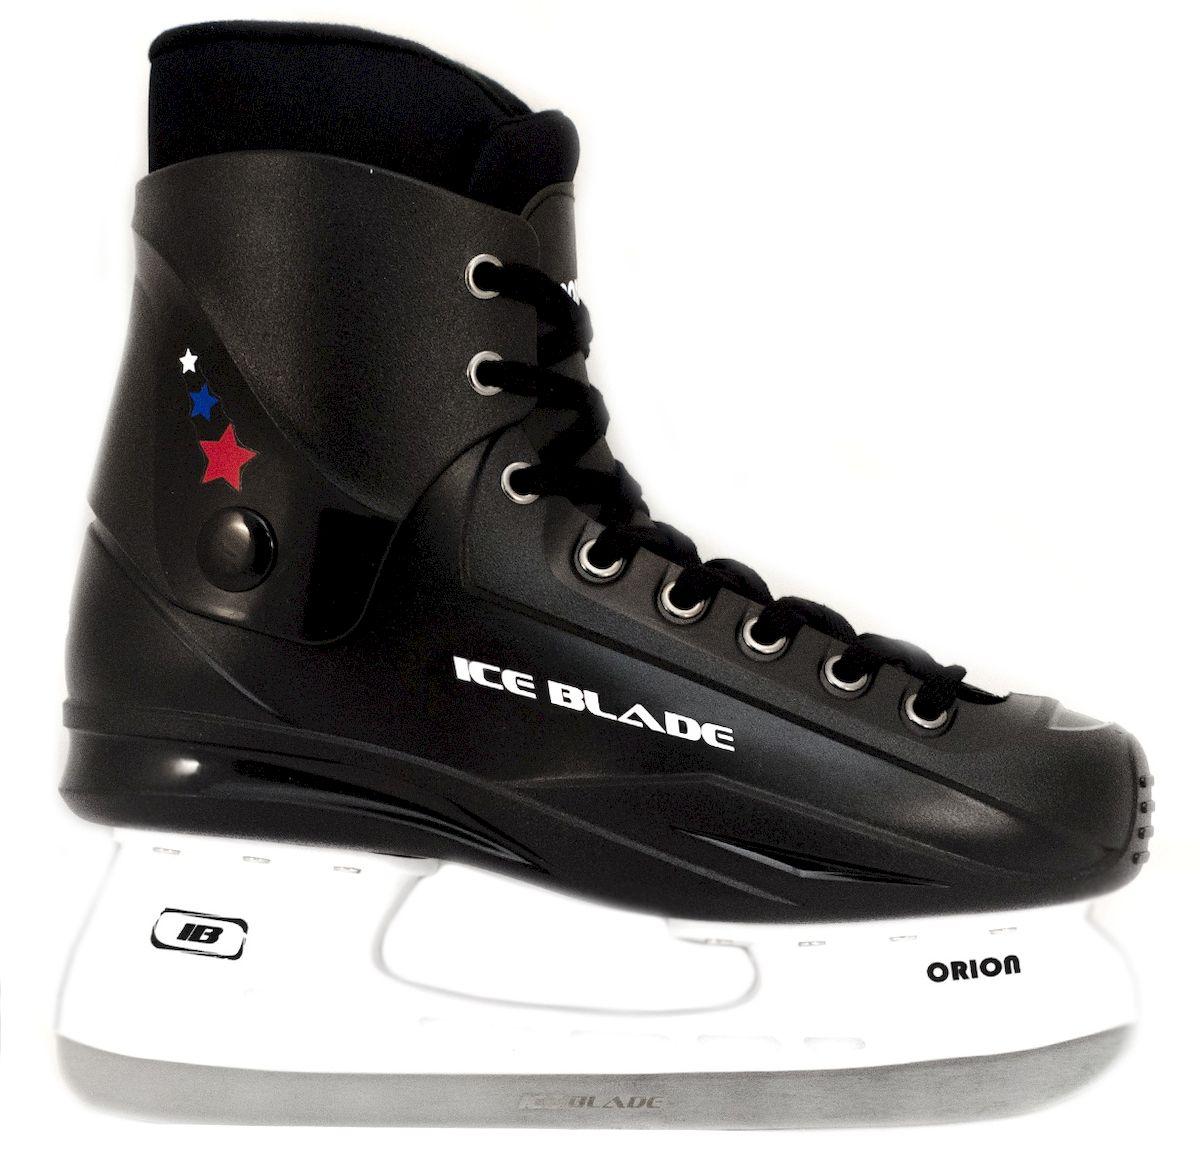 Коньки хоккейные Ice Blade Orion, цвет: черный. УТ-00004984. Размер 42CK Ladies Lux 2012-2013 White TricotКоньки хоккейные Ice Blade Orion - это хоккейные коньки для любых возрастов. Конструкция прекрасно защищает стопу, очень комфортна для активного катания, а также позволяет играть в хоккей. Легкий ботинок очень комфортный как для простого катания на льду, так и для любительского хоккея. Ботинок выполнен из высококачественного морозостойкого пластика и нейлоновой сетки. Внутренний сапожок утеплен мягким и дышащим вельветом, а язычок усилен специальной вставкой для большей безопасности стопы. Лезвие изготовлено из высокоуглеродистой стали, что гарантирует прочность и долговечность.Удобная система фиксации ноги и улучшенная колодка сделают катание комфортным и безопасным.